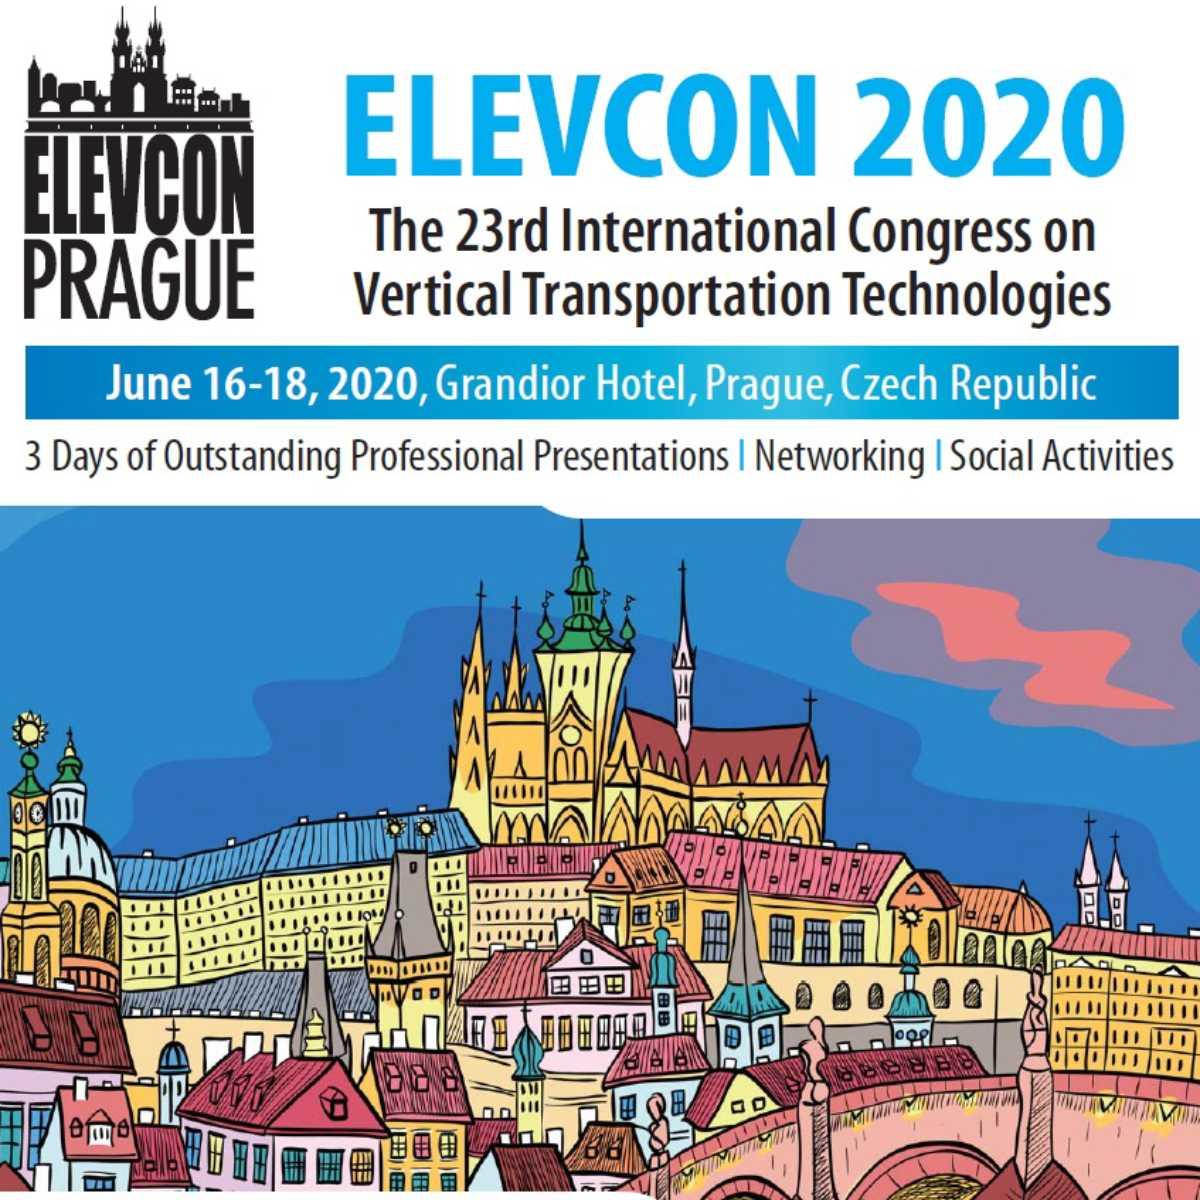 Elevcon 2020